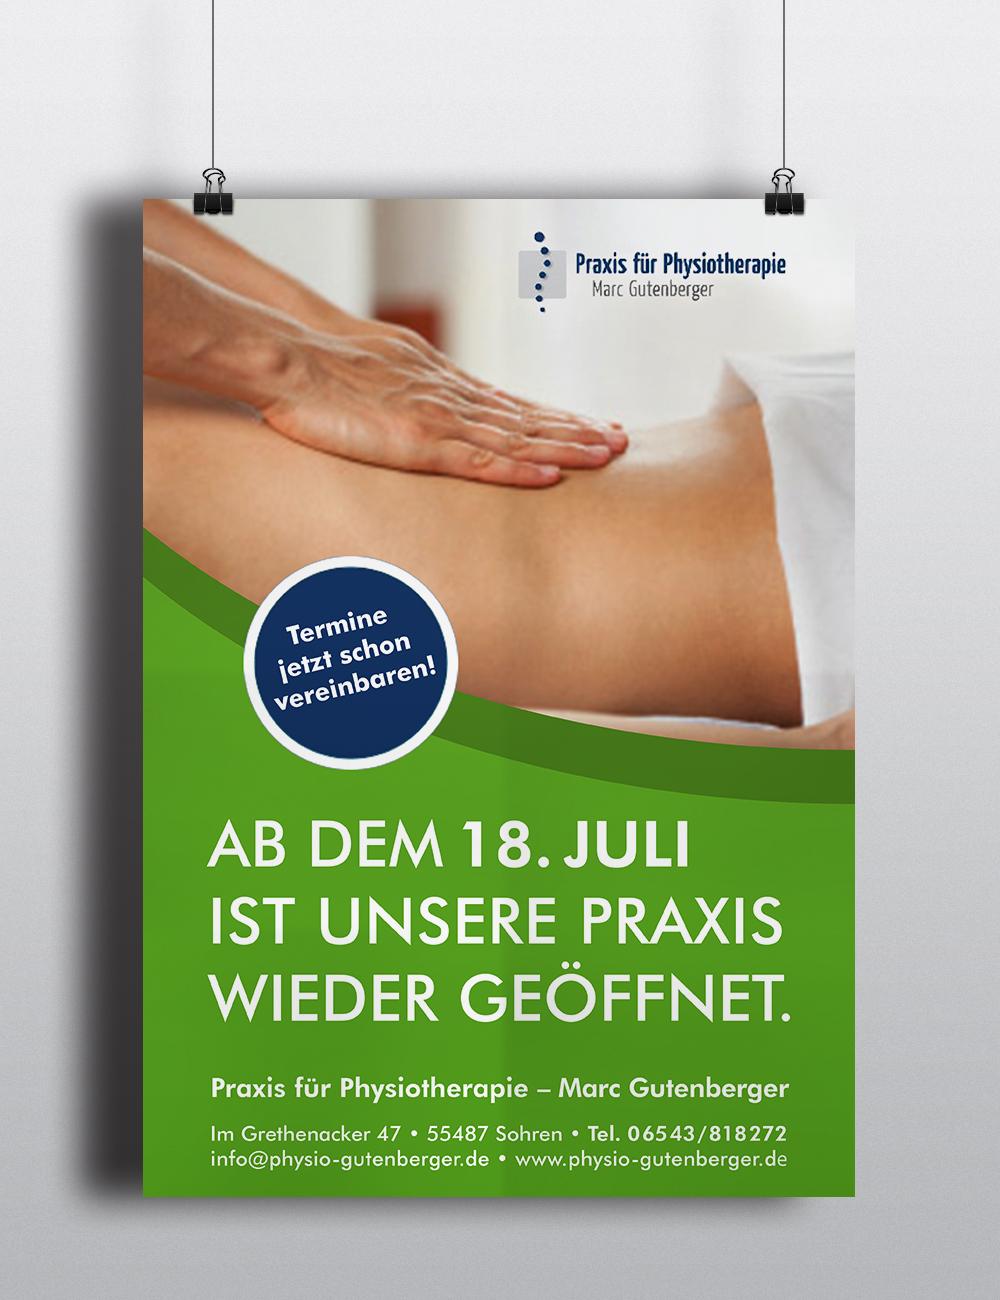 Schell-Wald Design Grafik- und Webdesign gutenberger1